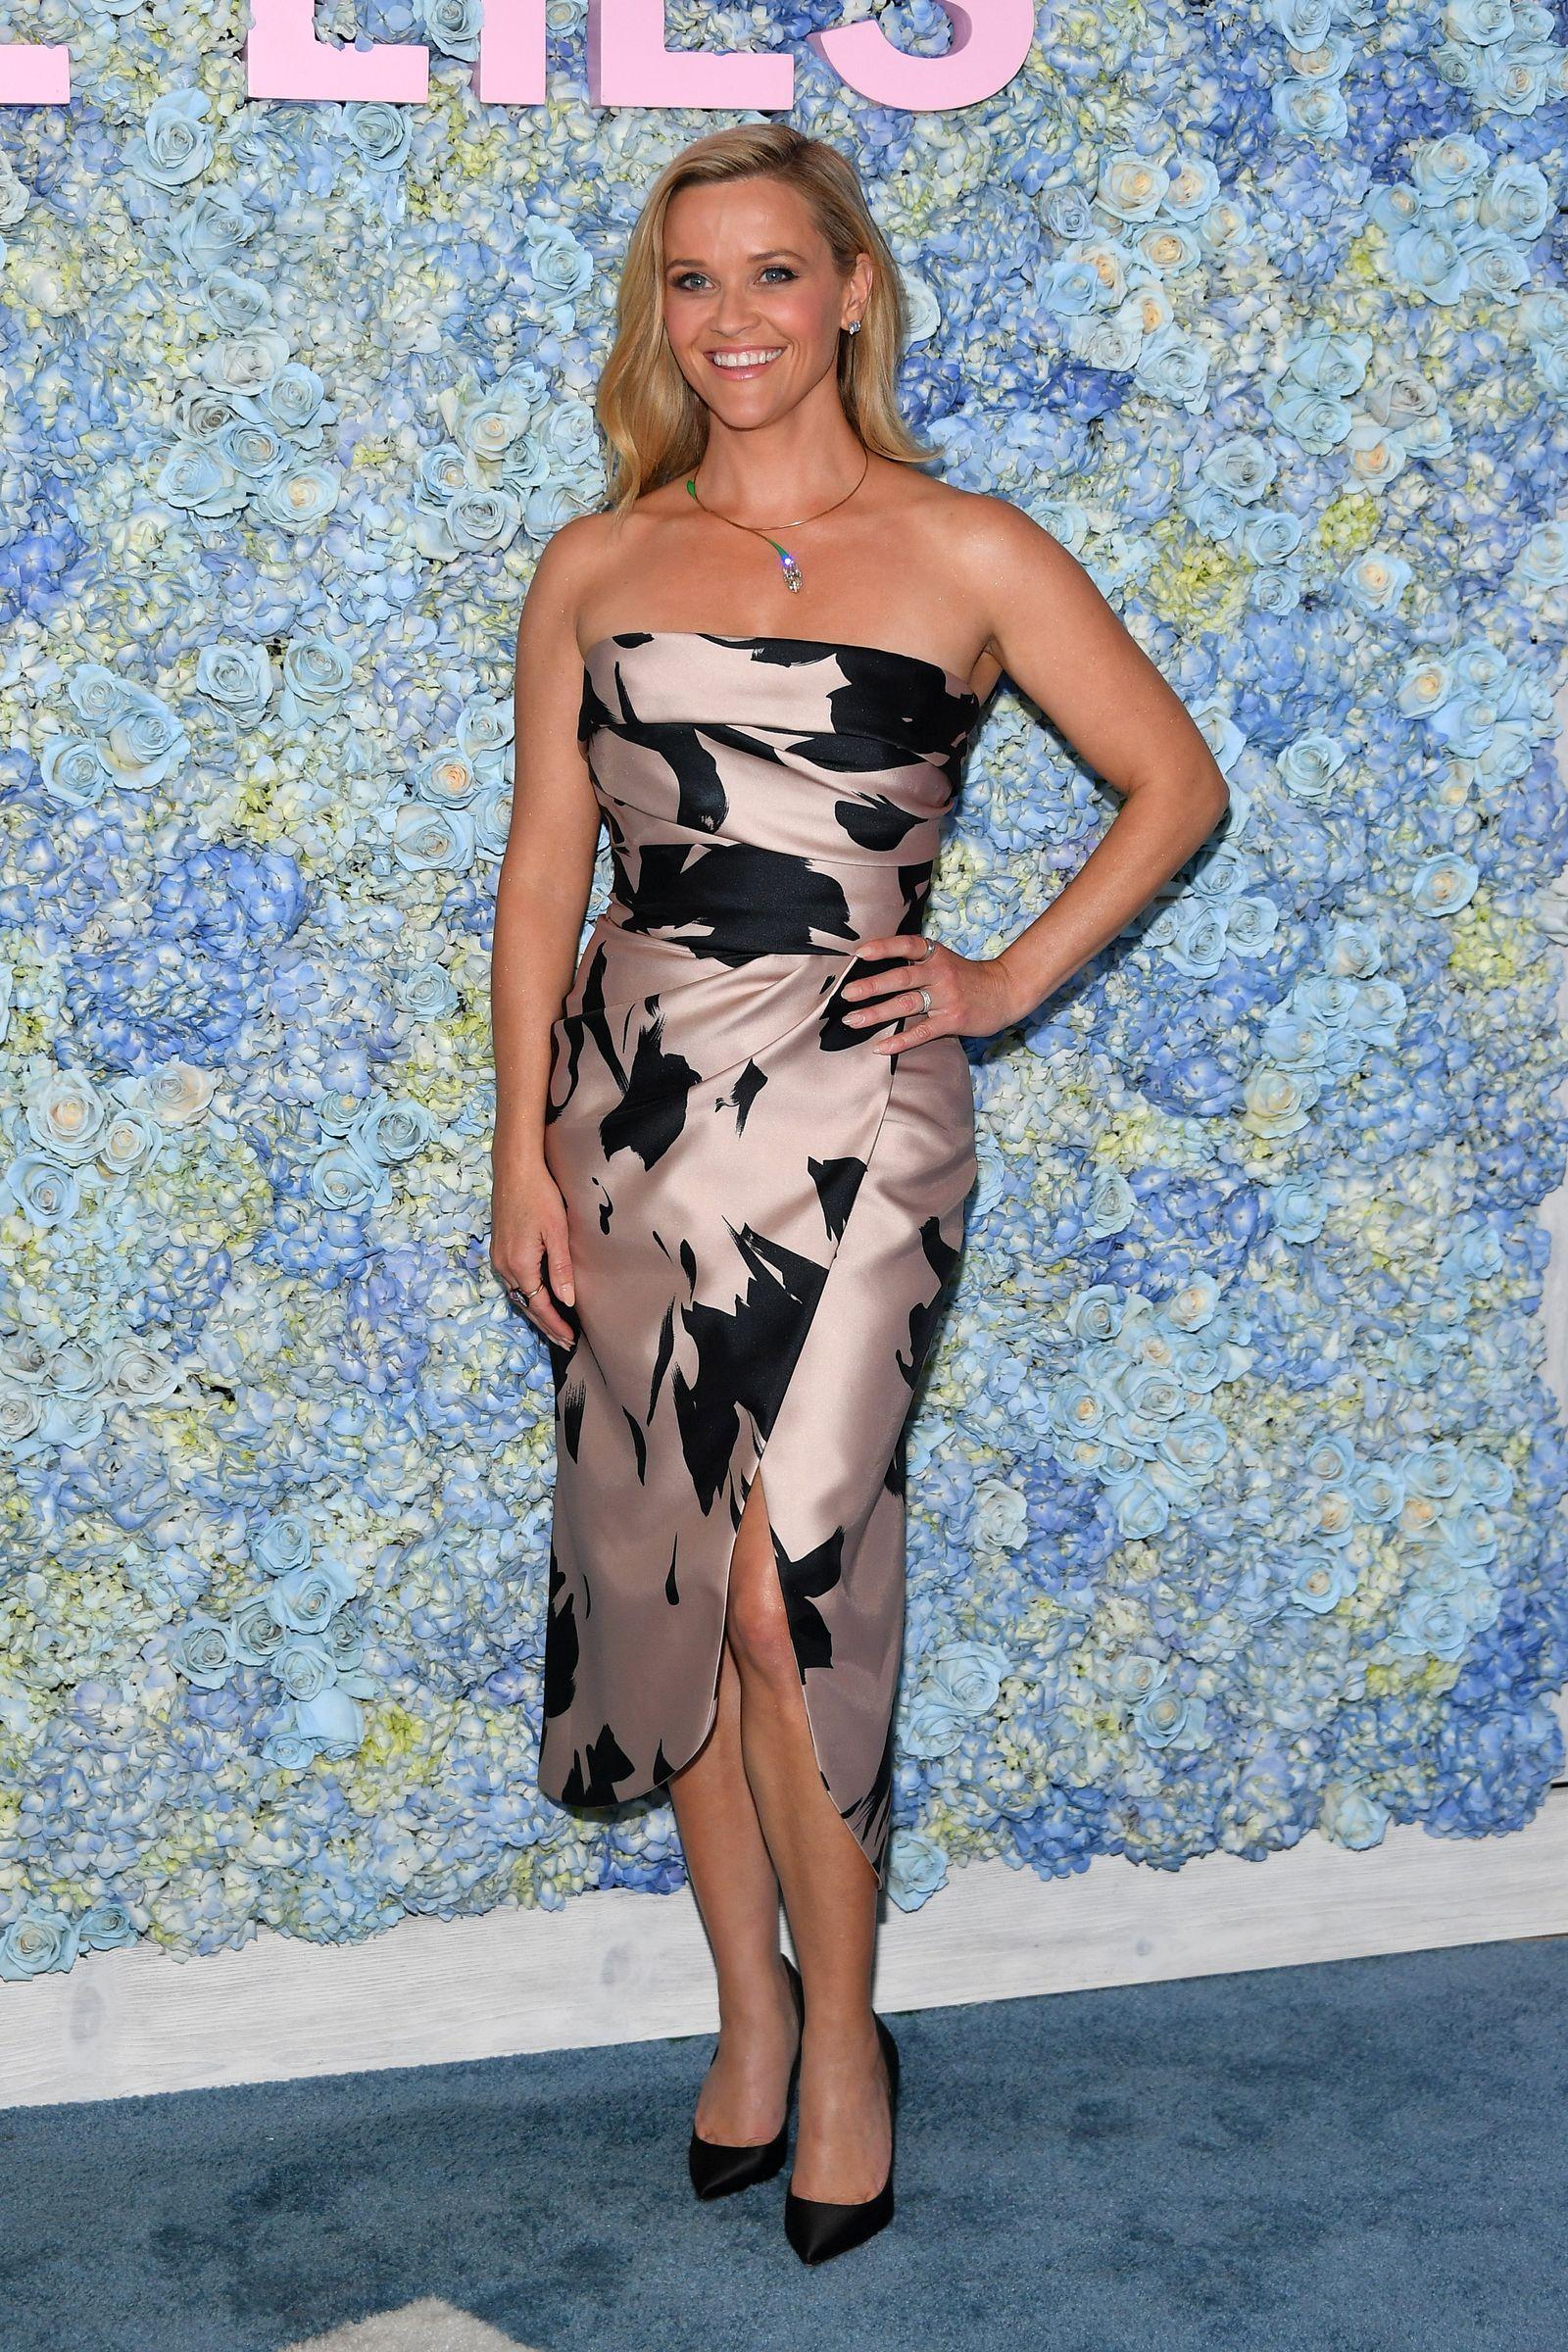 Schauspielerin/ Reese Witherspoon